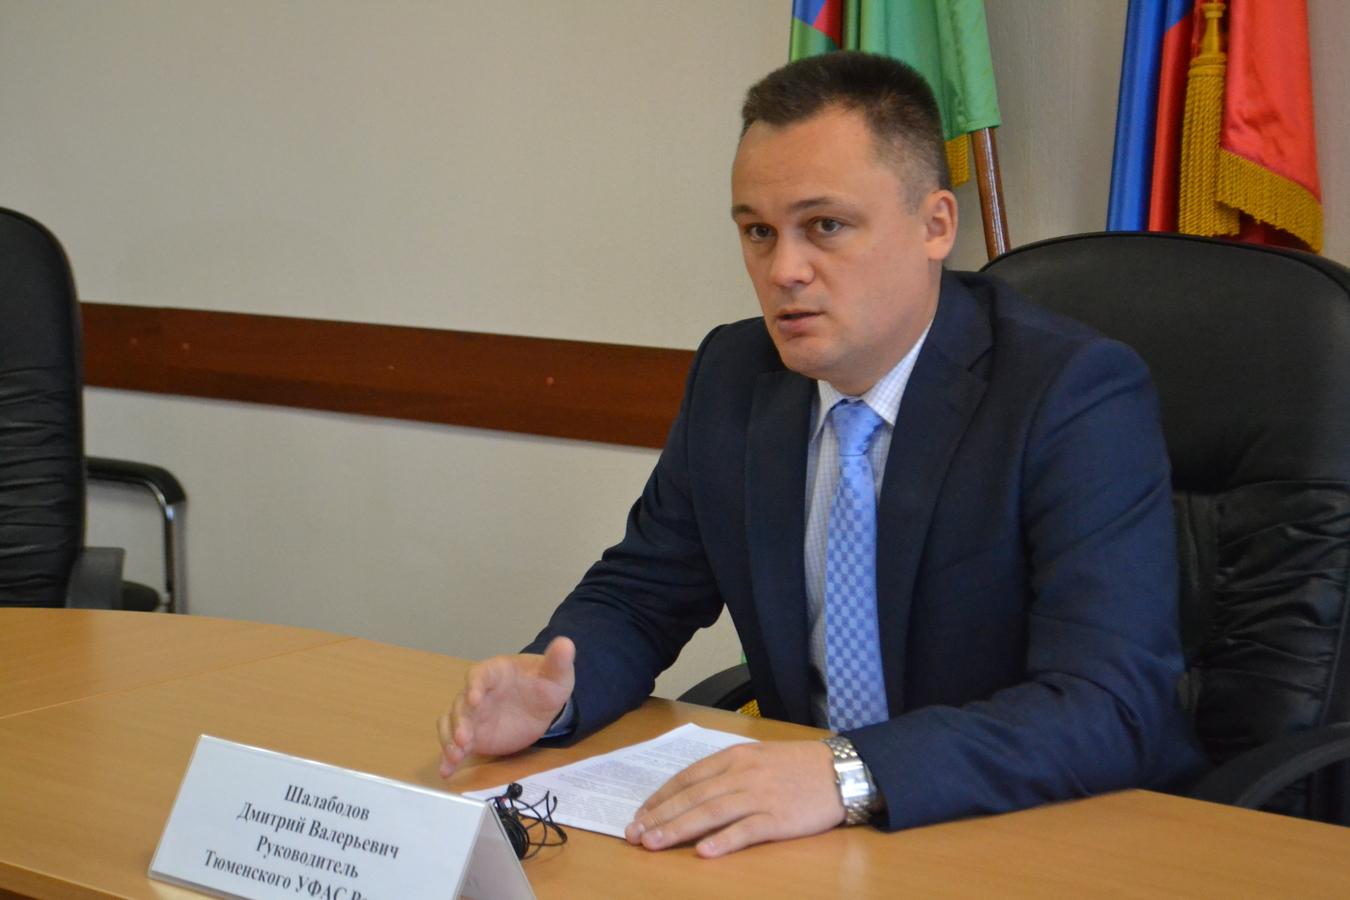 Контролировать бизнес и госзакупки на Среднем Урале будет антимонопольщик из Тюмени